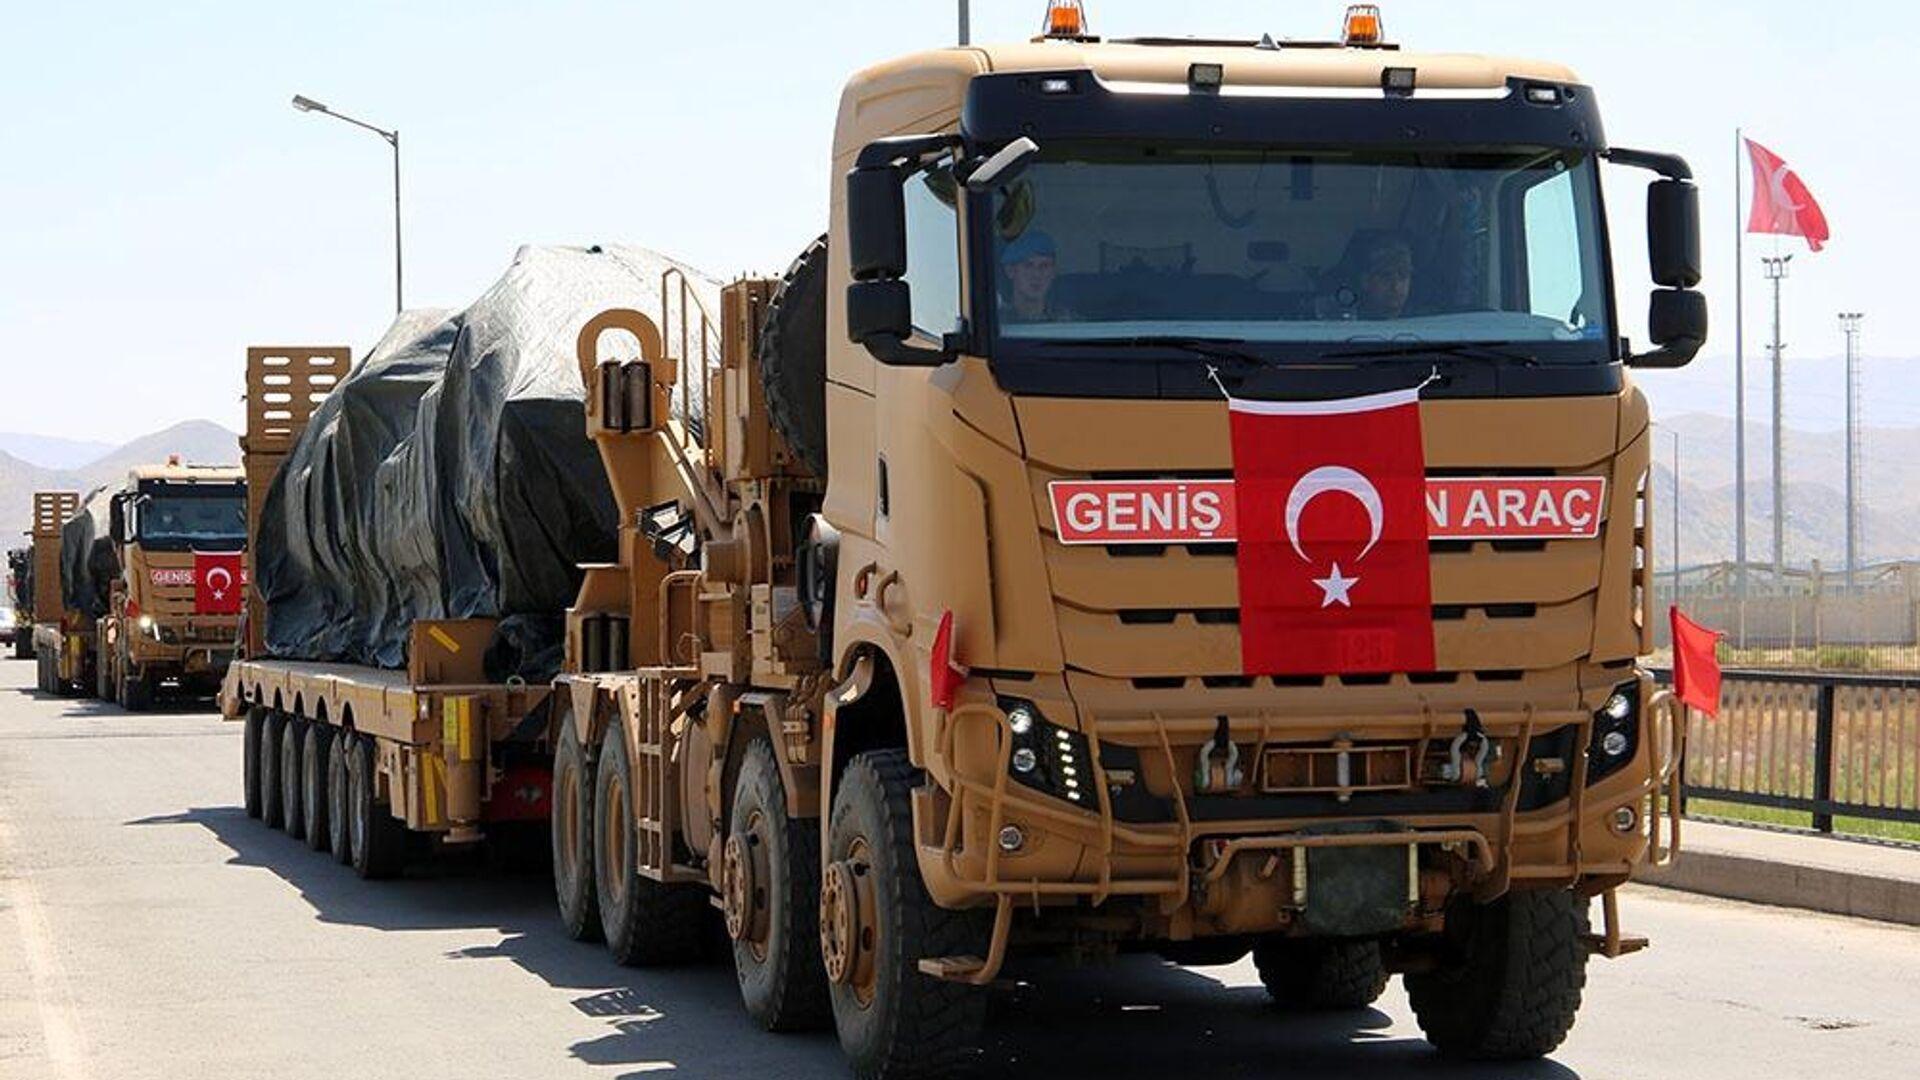 Турецкая армия прибыла на учения в Азербайджан  - Sputnik Таджикистан, 1920, 29.07.2021